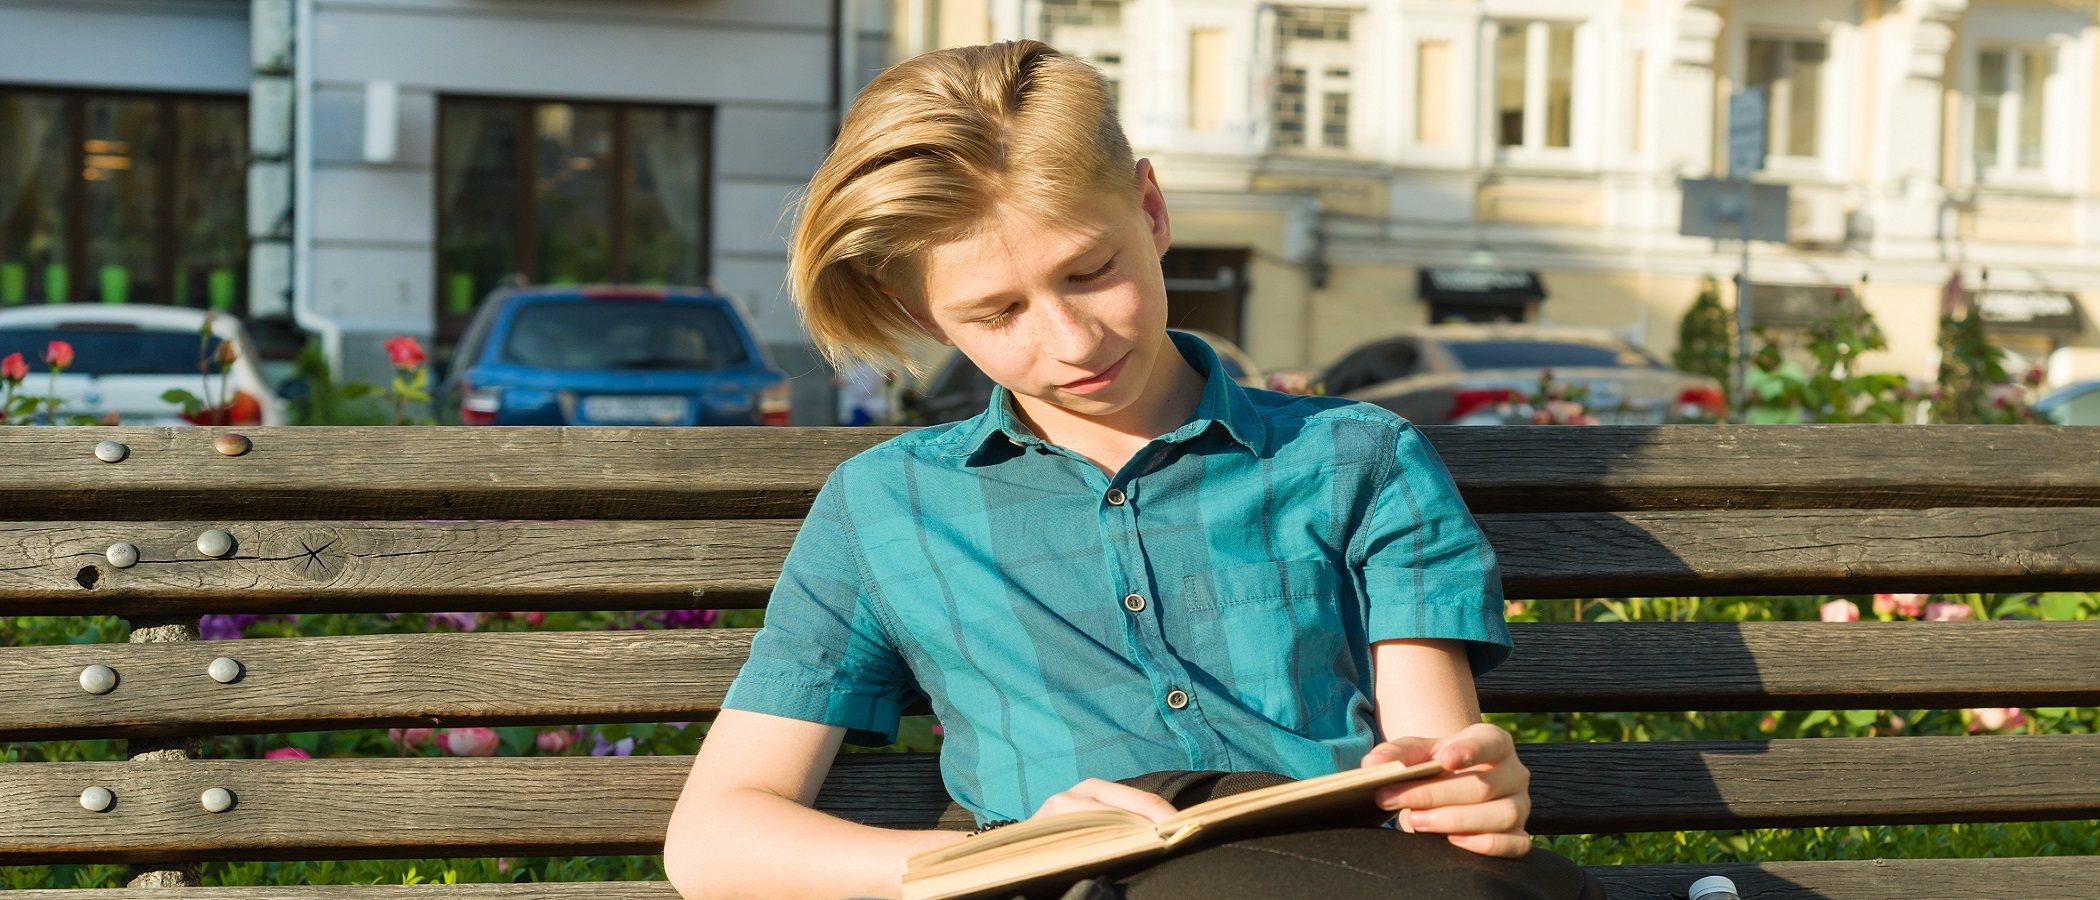 Tu hijo adulto se siente solo, ¿los padres deben ayudarle?